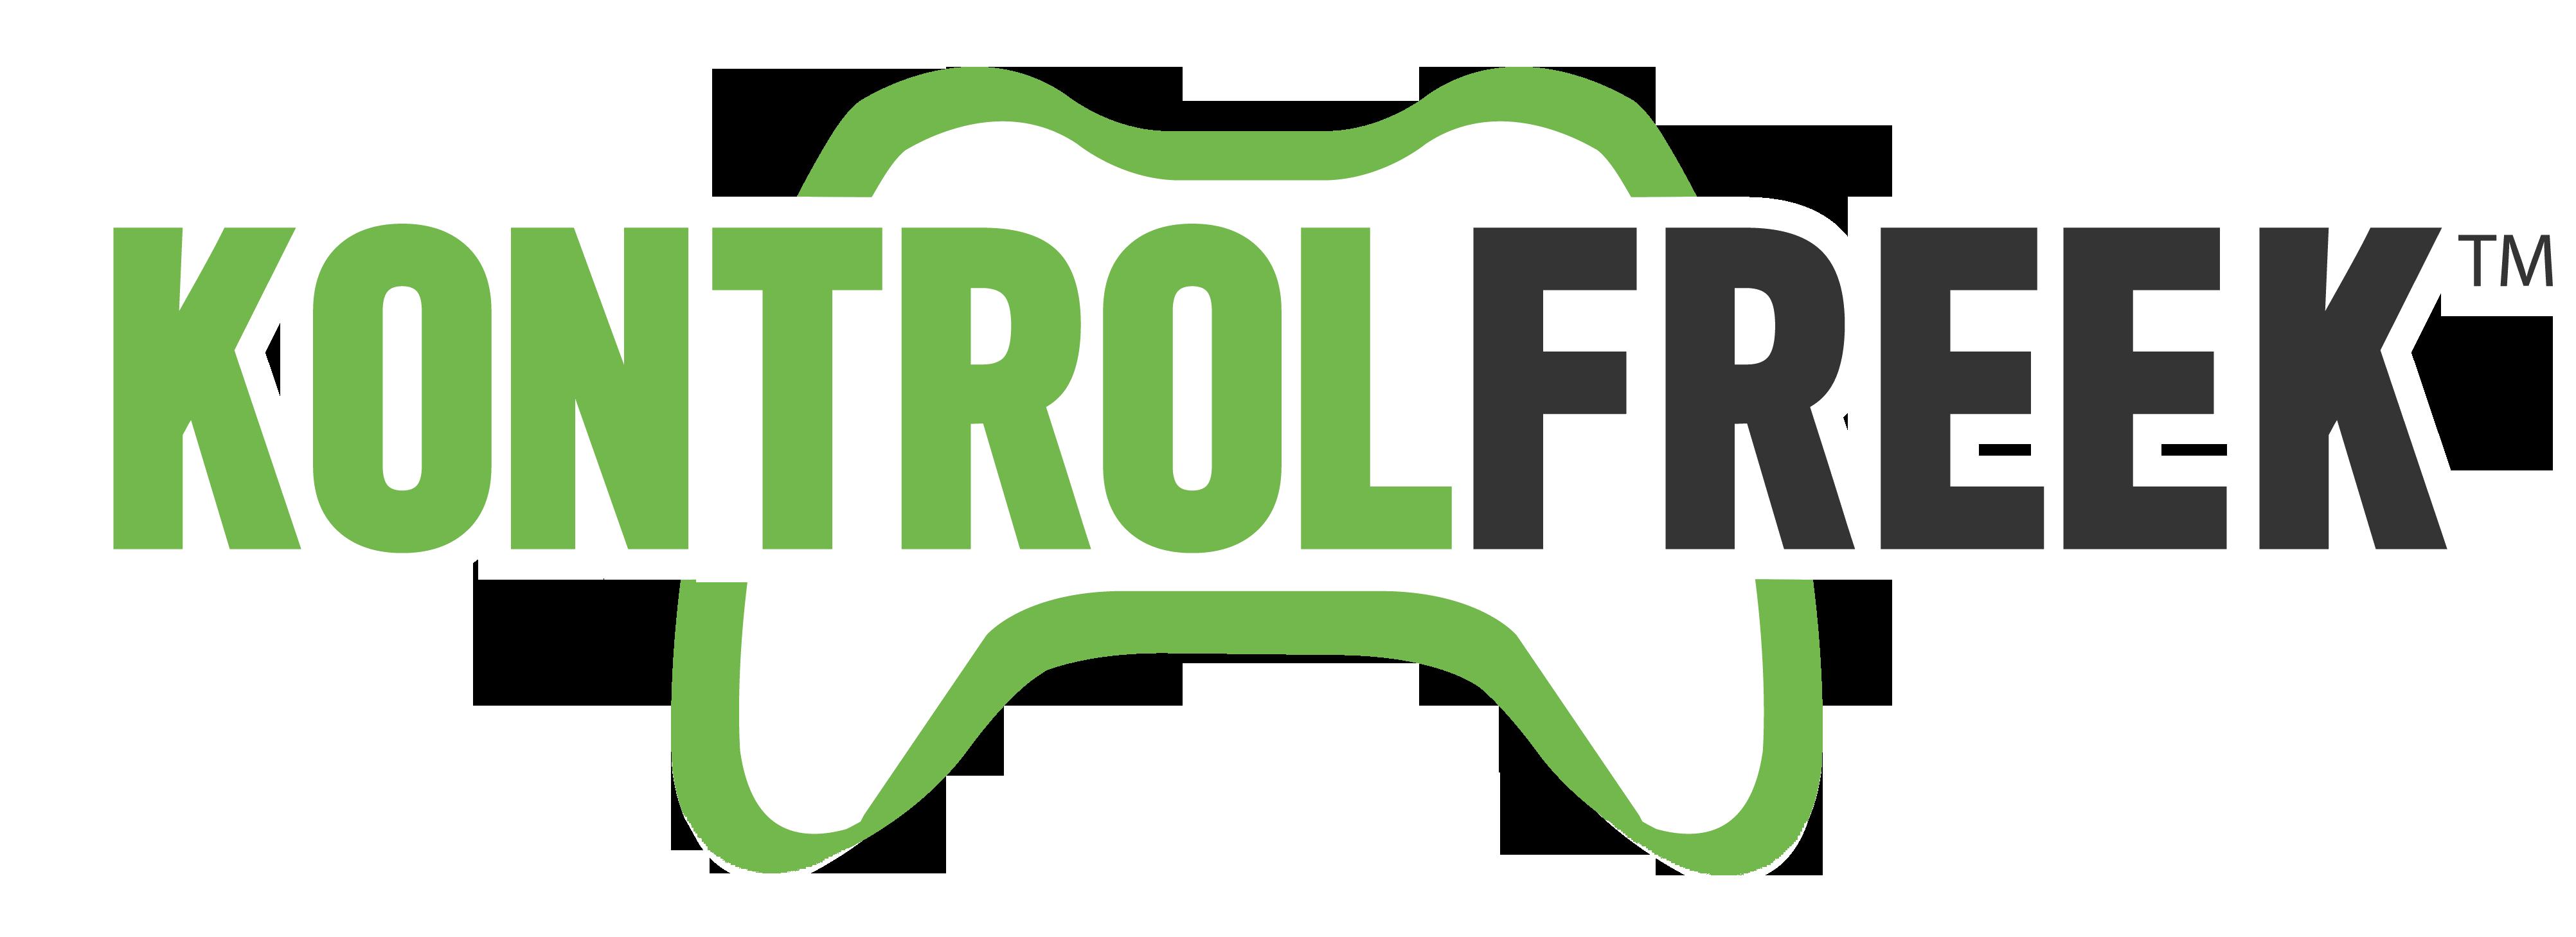 kontrol_freek